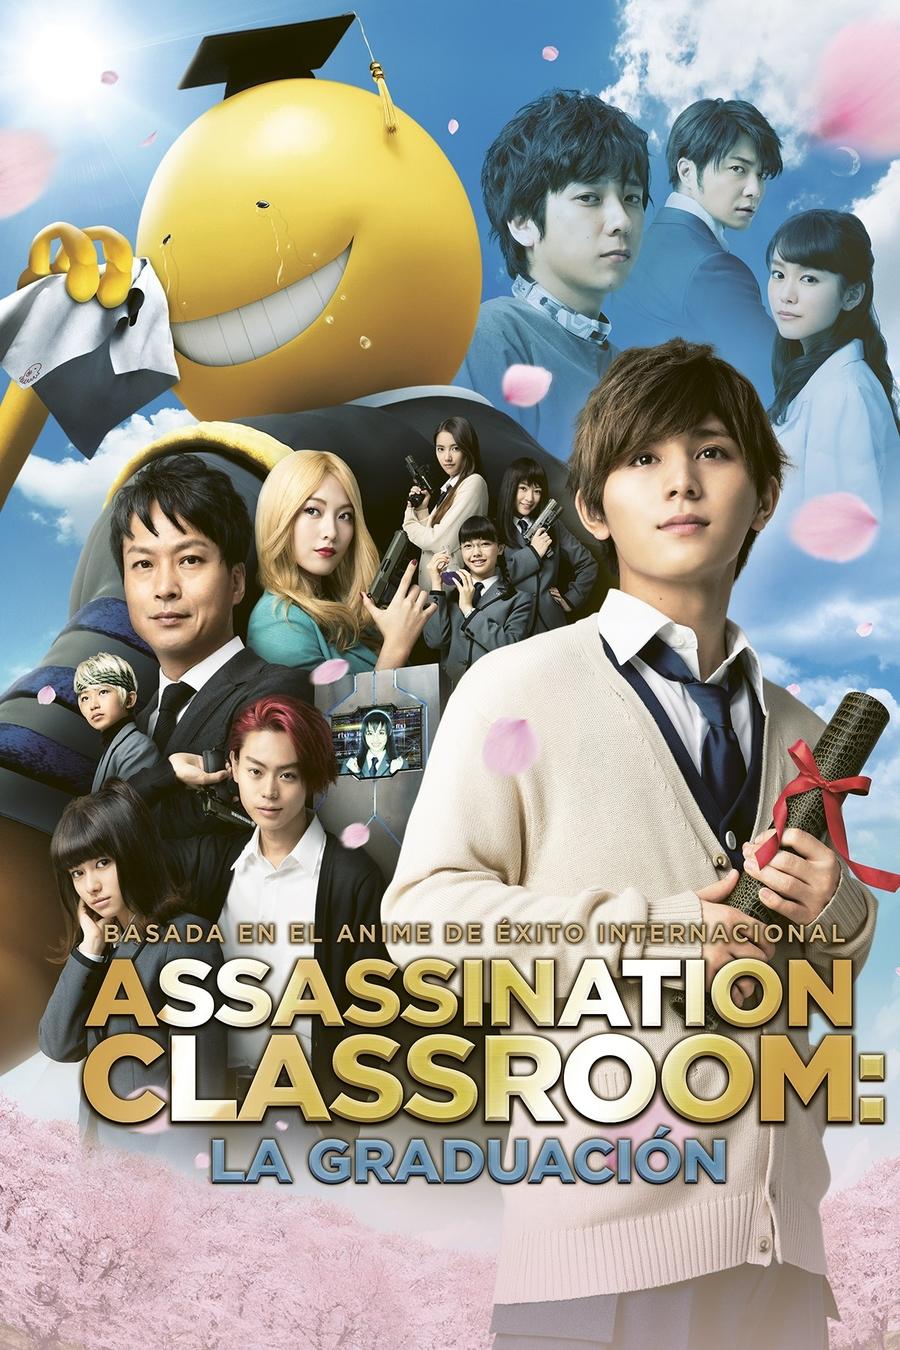 Assassination Classroom: La Graduación